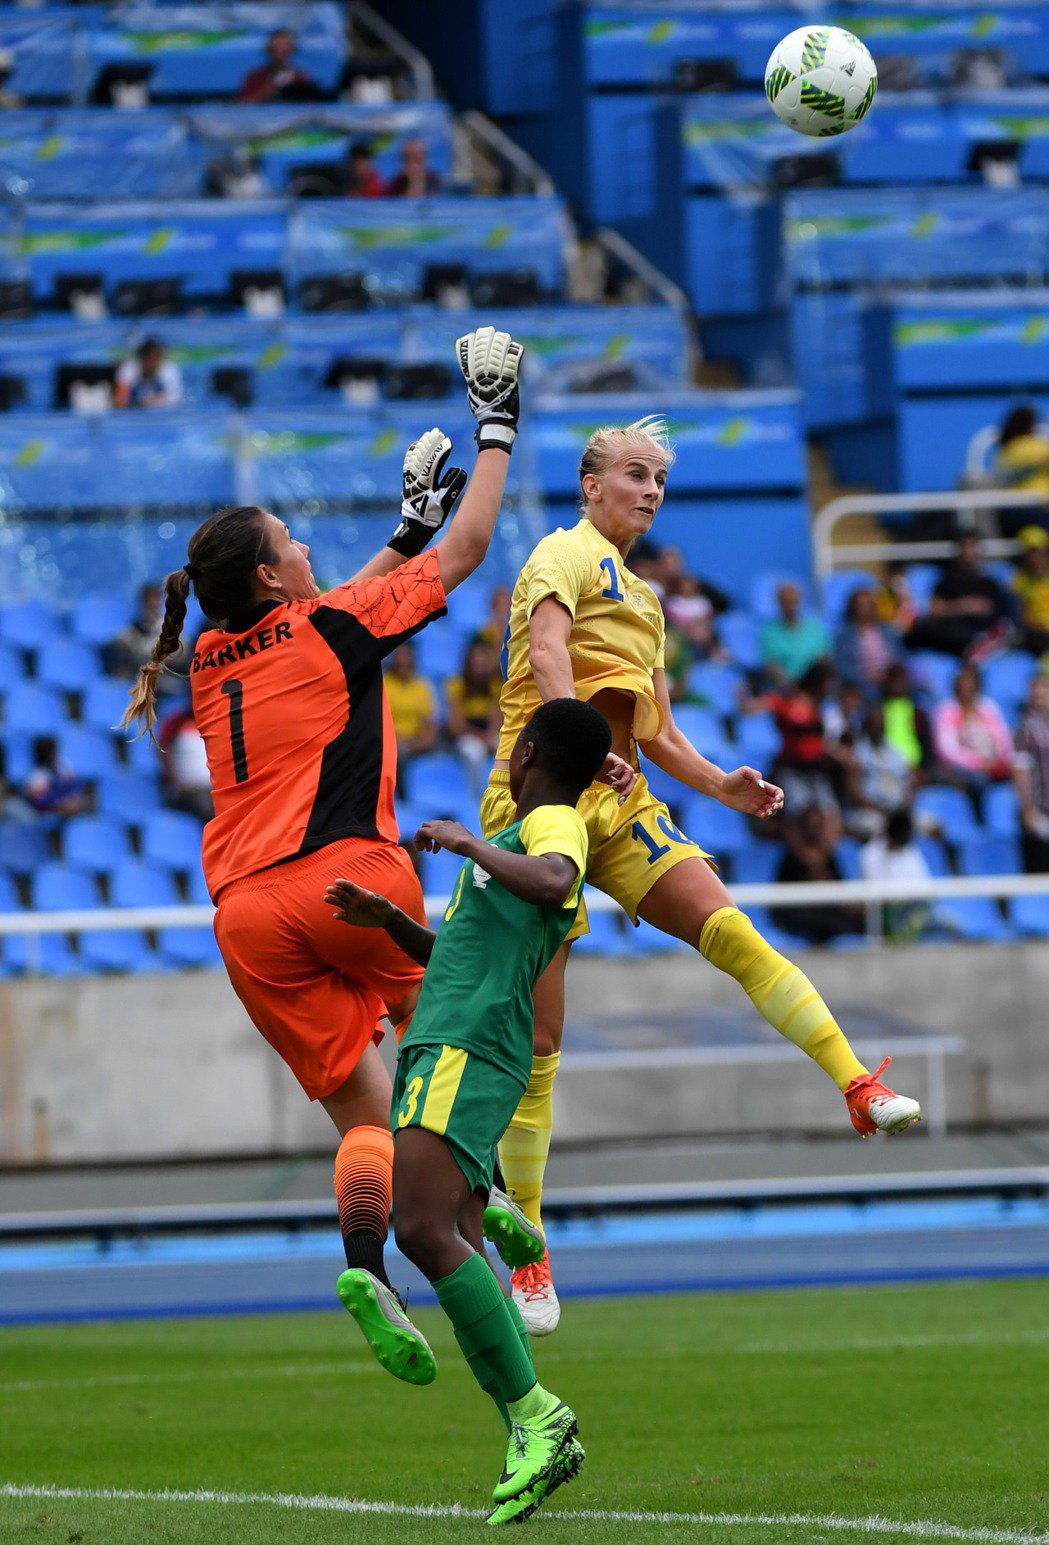 里約奧運女足比賽在奧林匹克體育場開賽。瑞典隊球員索·雅各布松(右)在比賽中爭搶頭...